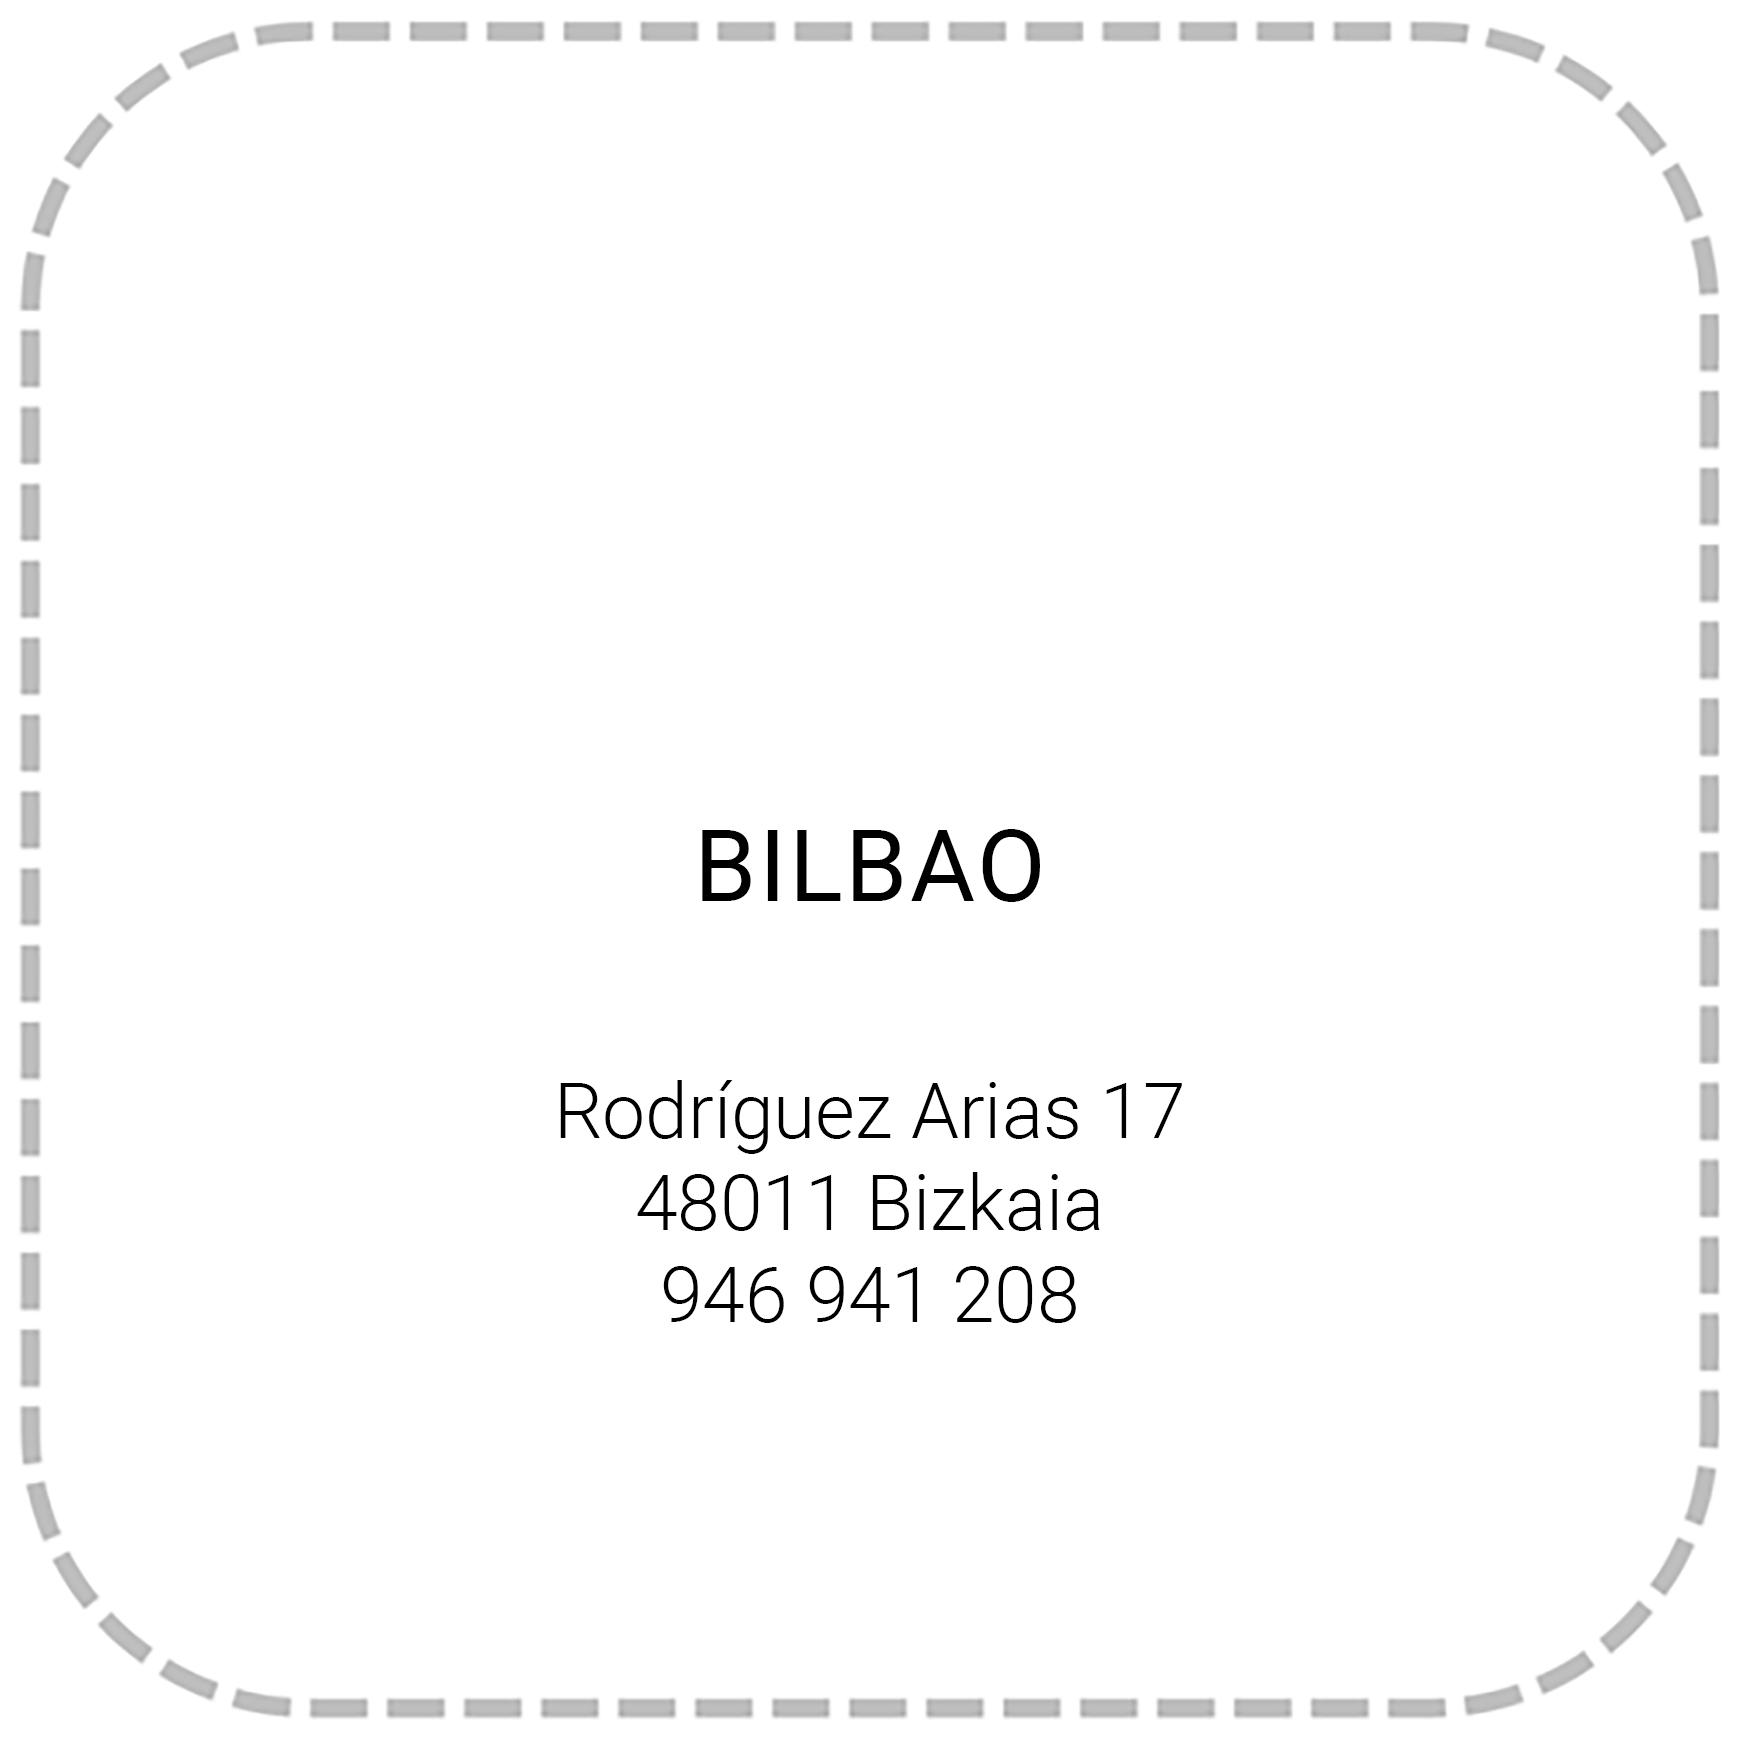 Estudio dg arquitectura - Estudios arquitectura bilbao ...